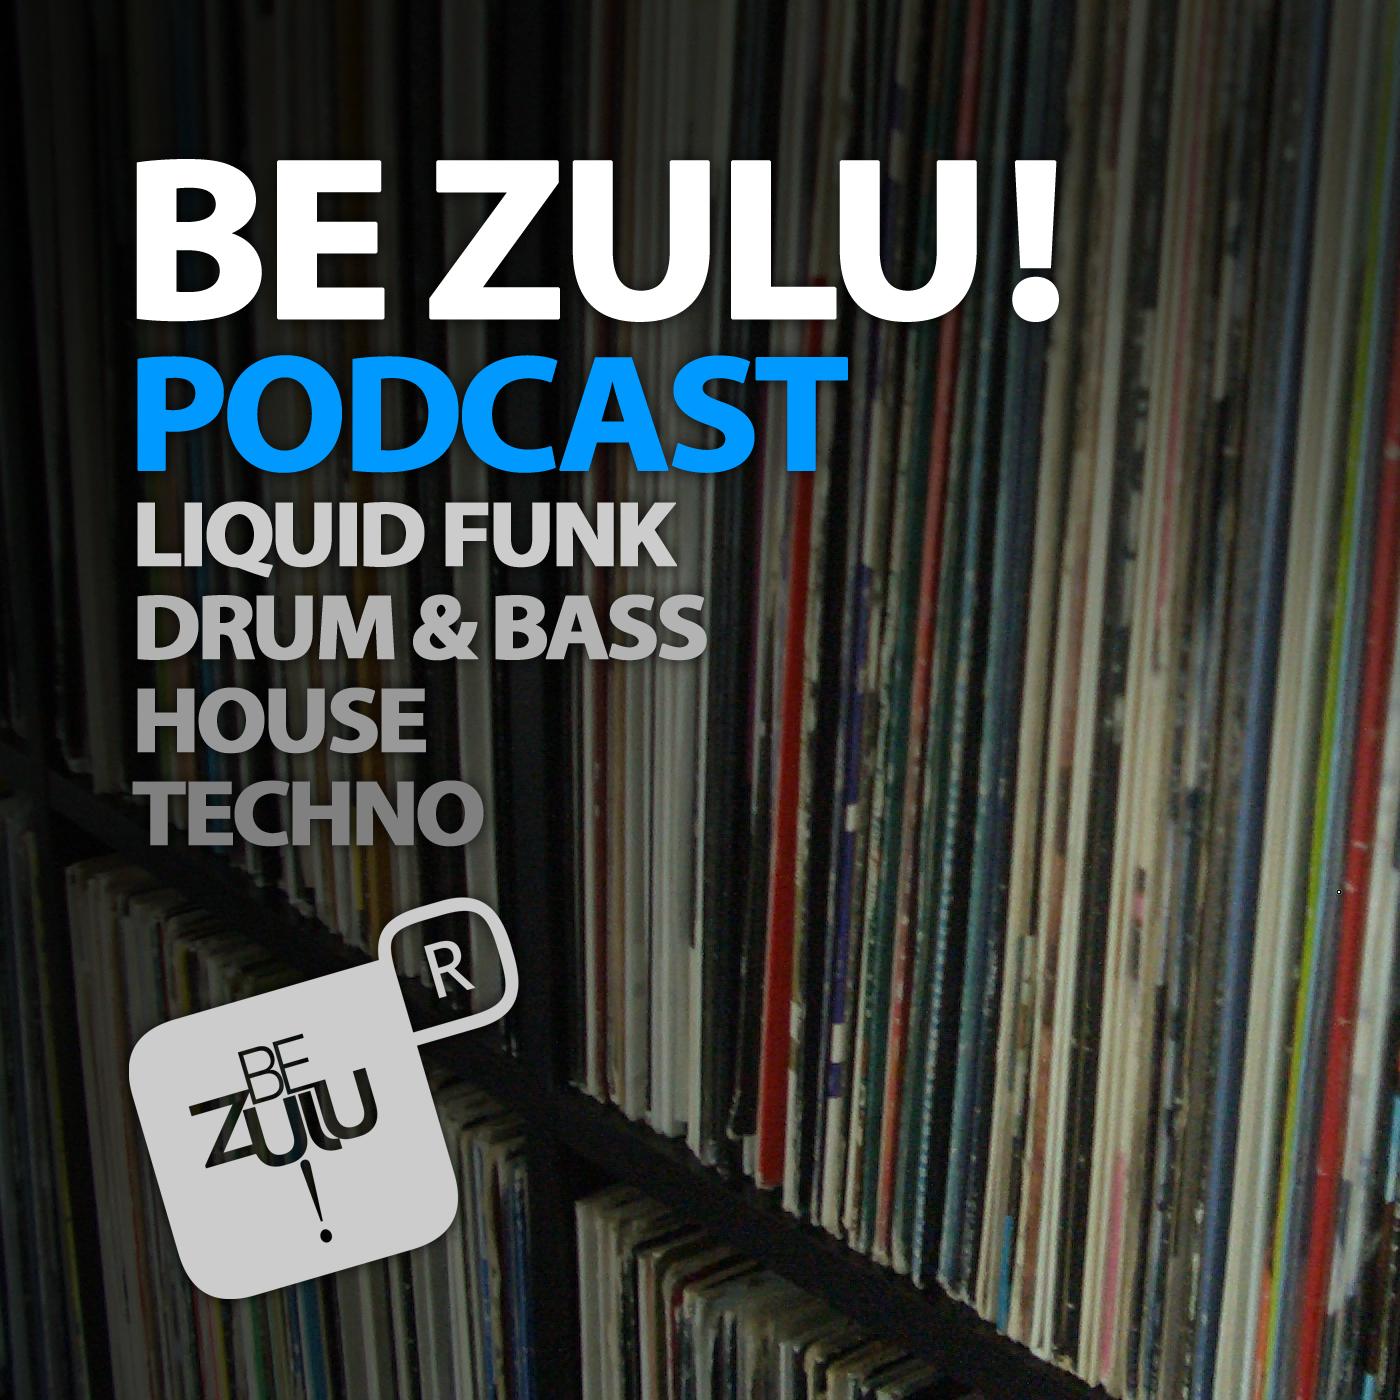 <![CDATA[Be Zulu! Podcast]]>